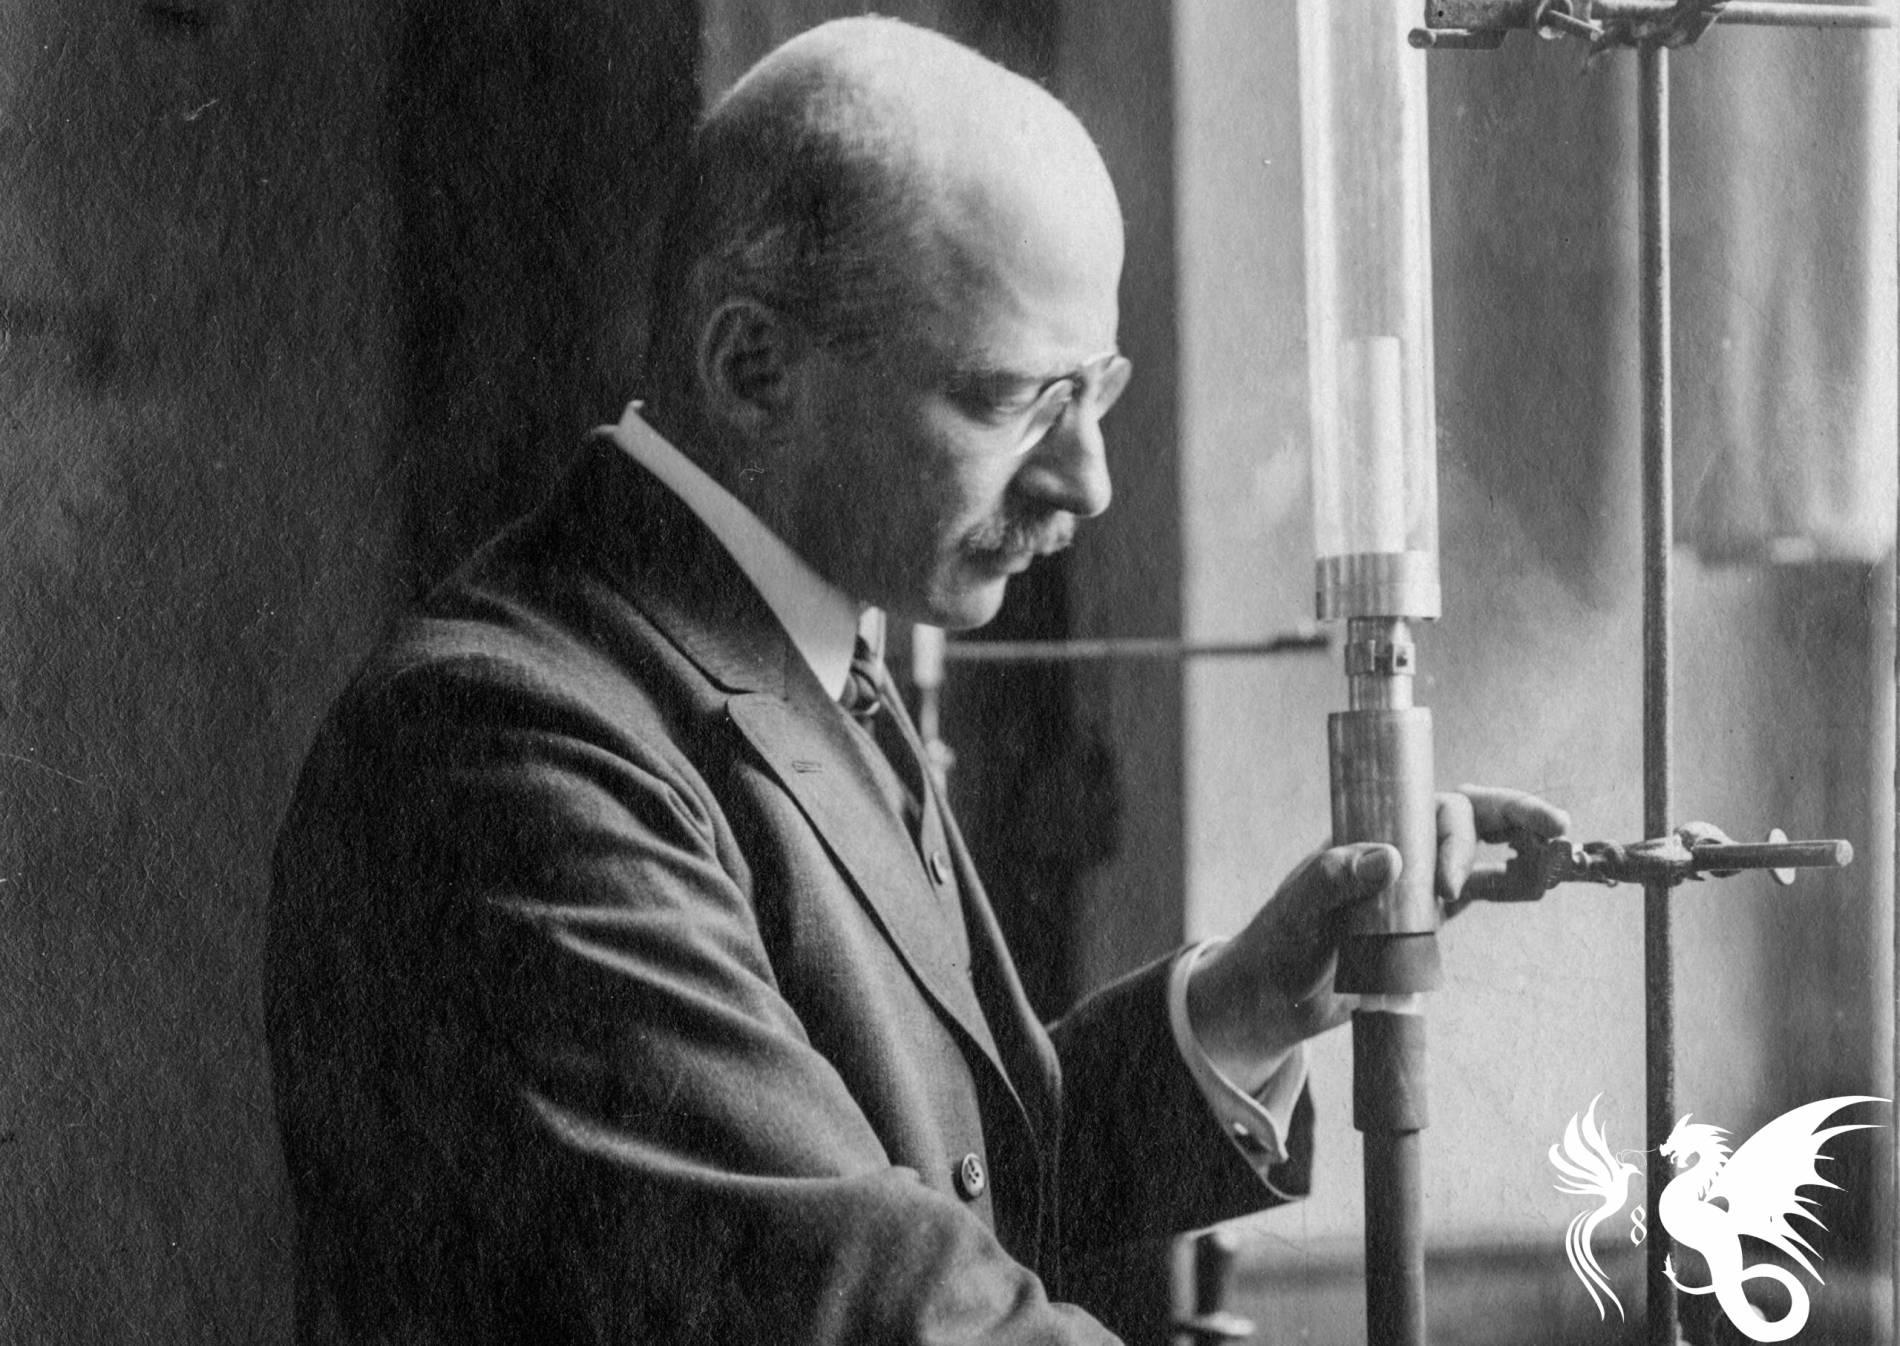 La molecola che cambiò il Novecento: la tragica storia di Haber